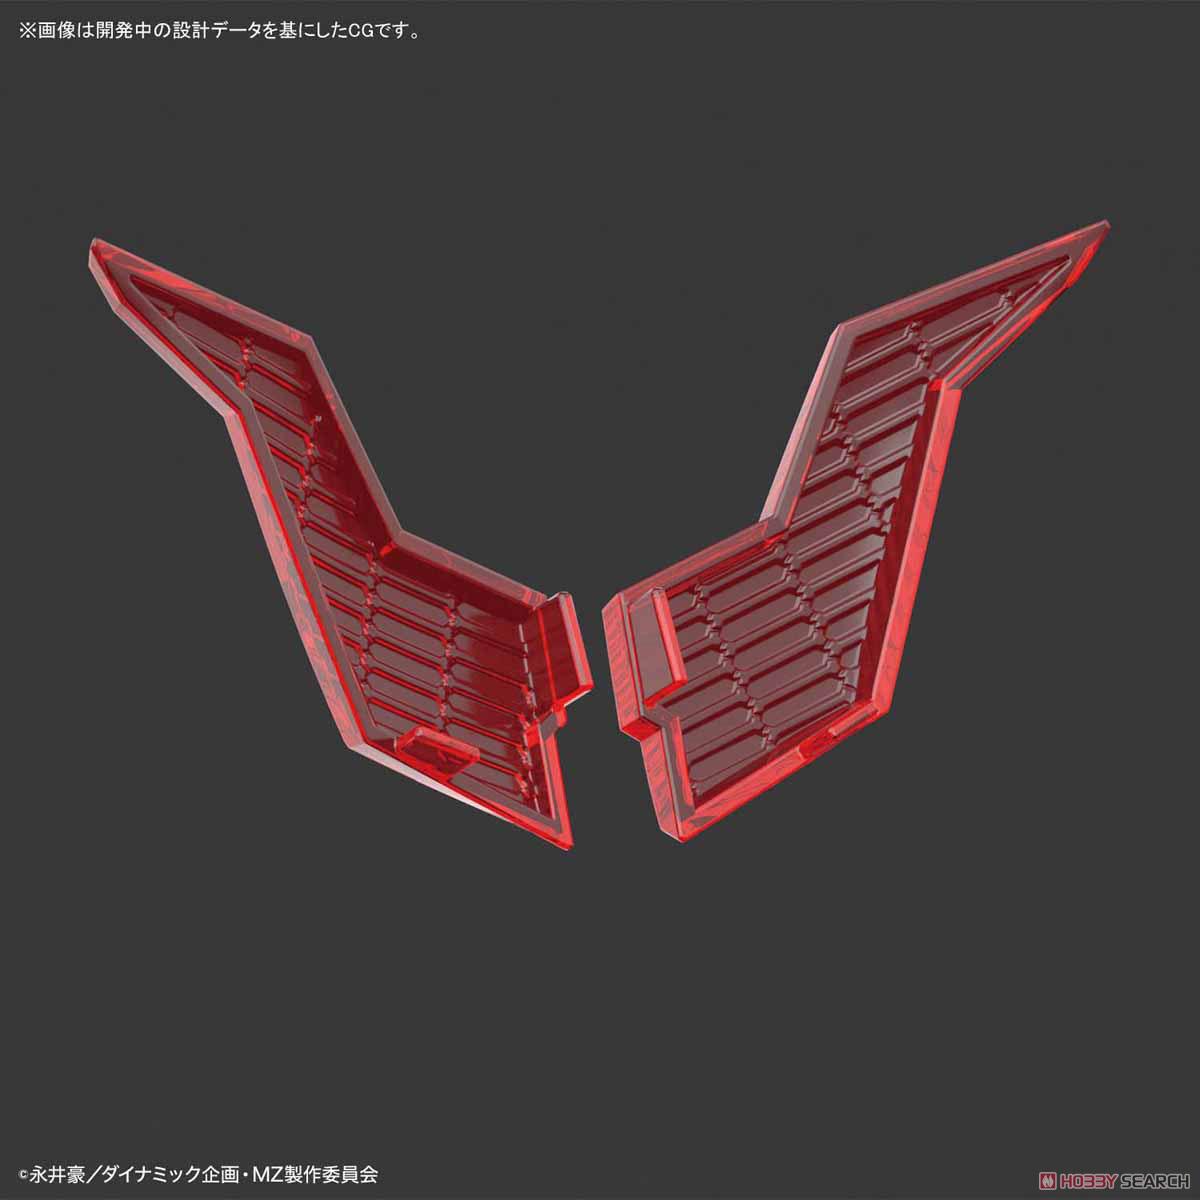 【再販】HG 1/144『マジンガーZ(マジンガーZ INFINITY Ver.)』プラモデル-008